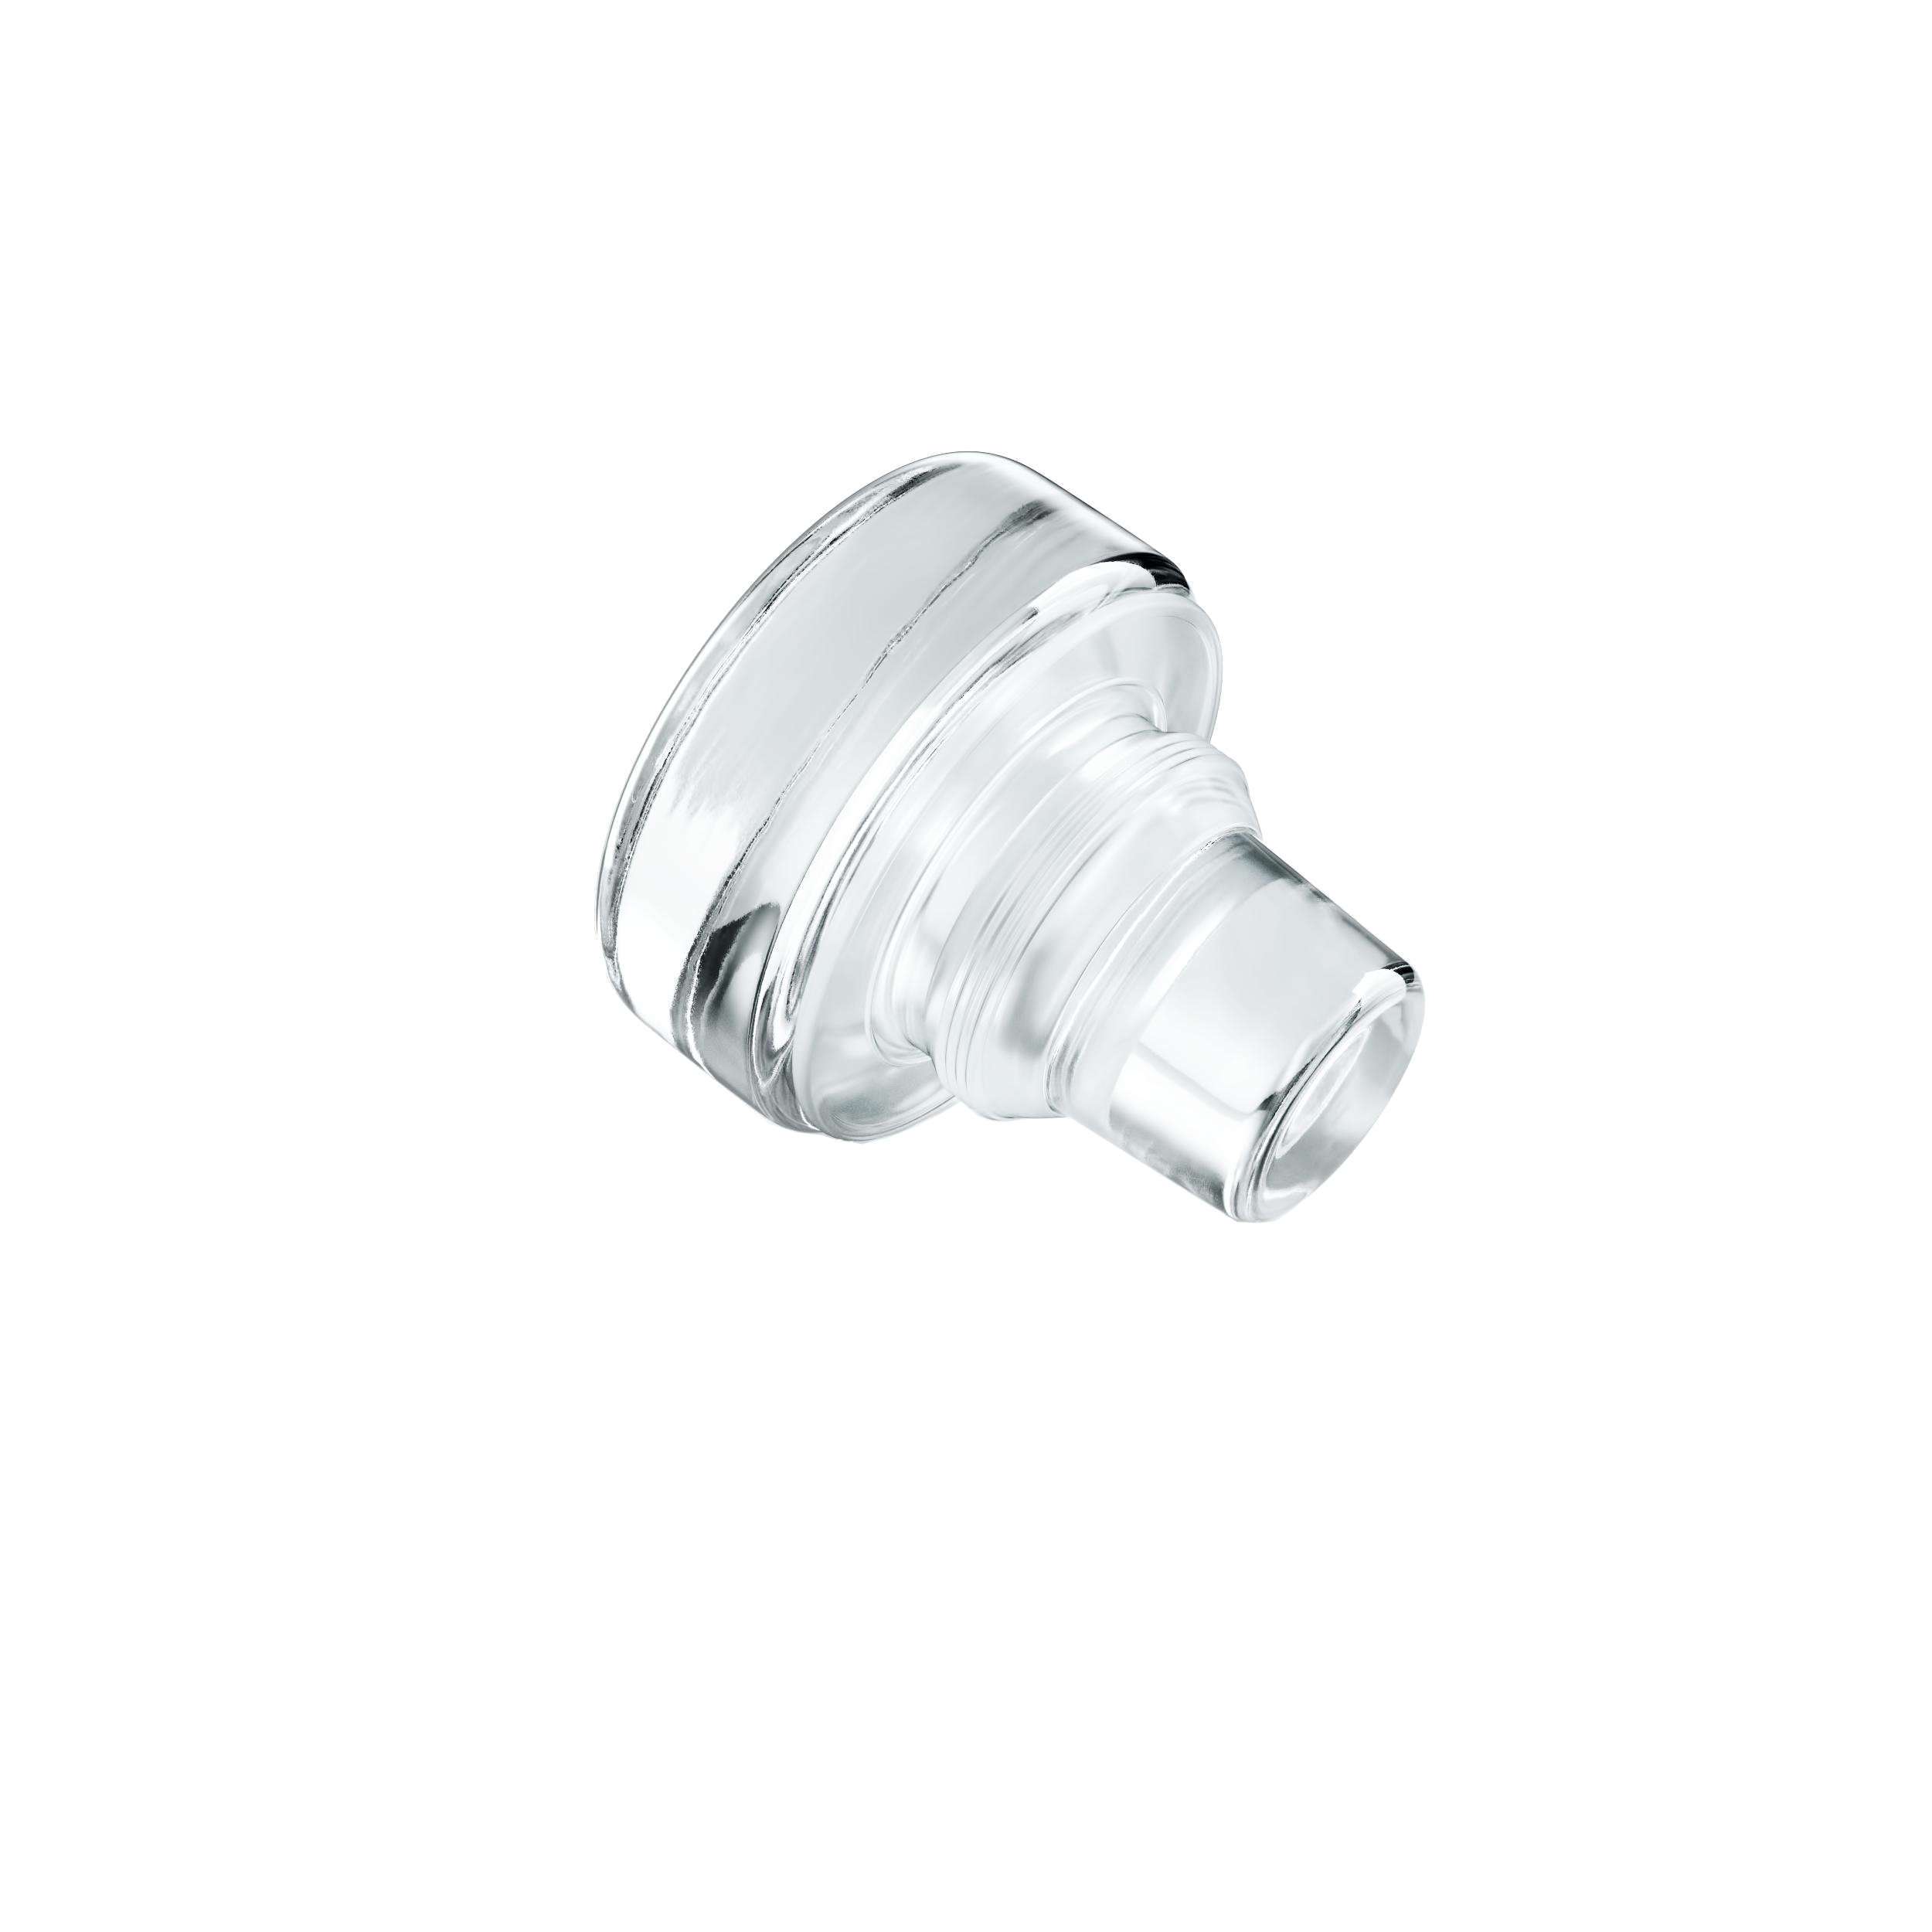 Vinoseal | Premium Glass Wine Bottle Stopper (Set of 4)